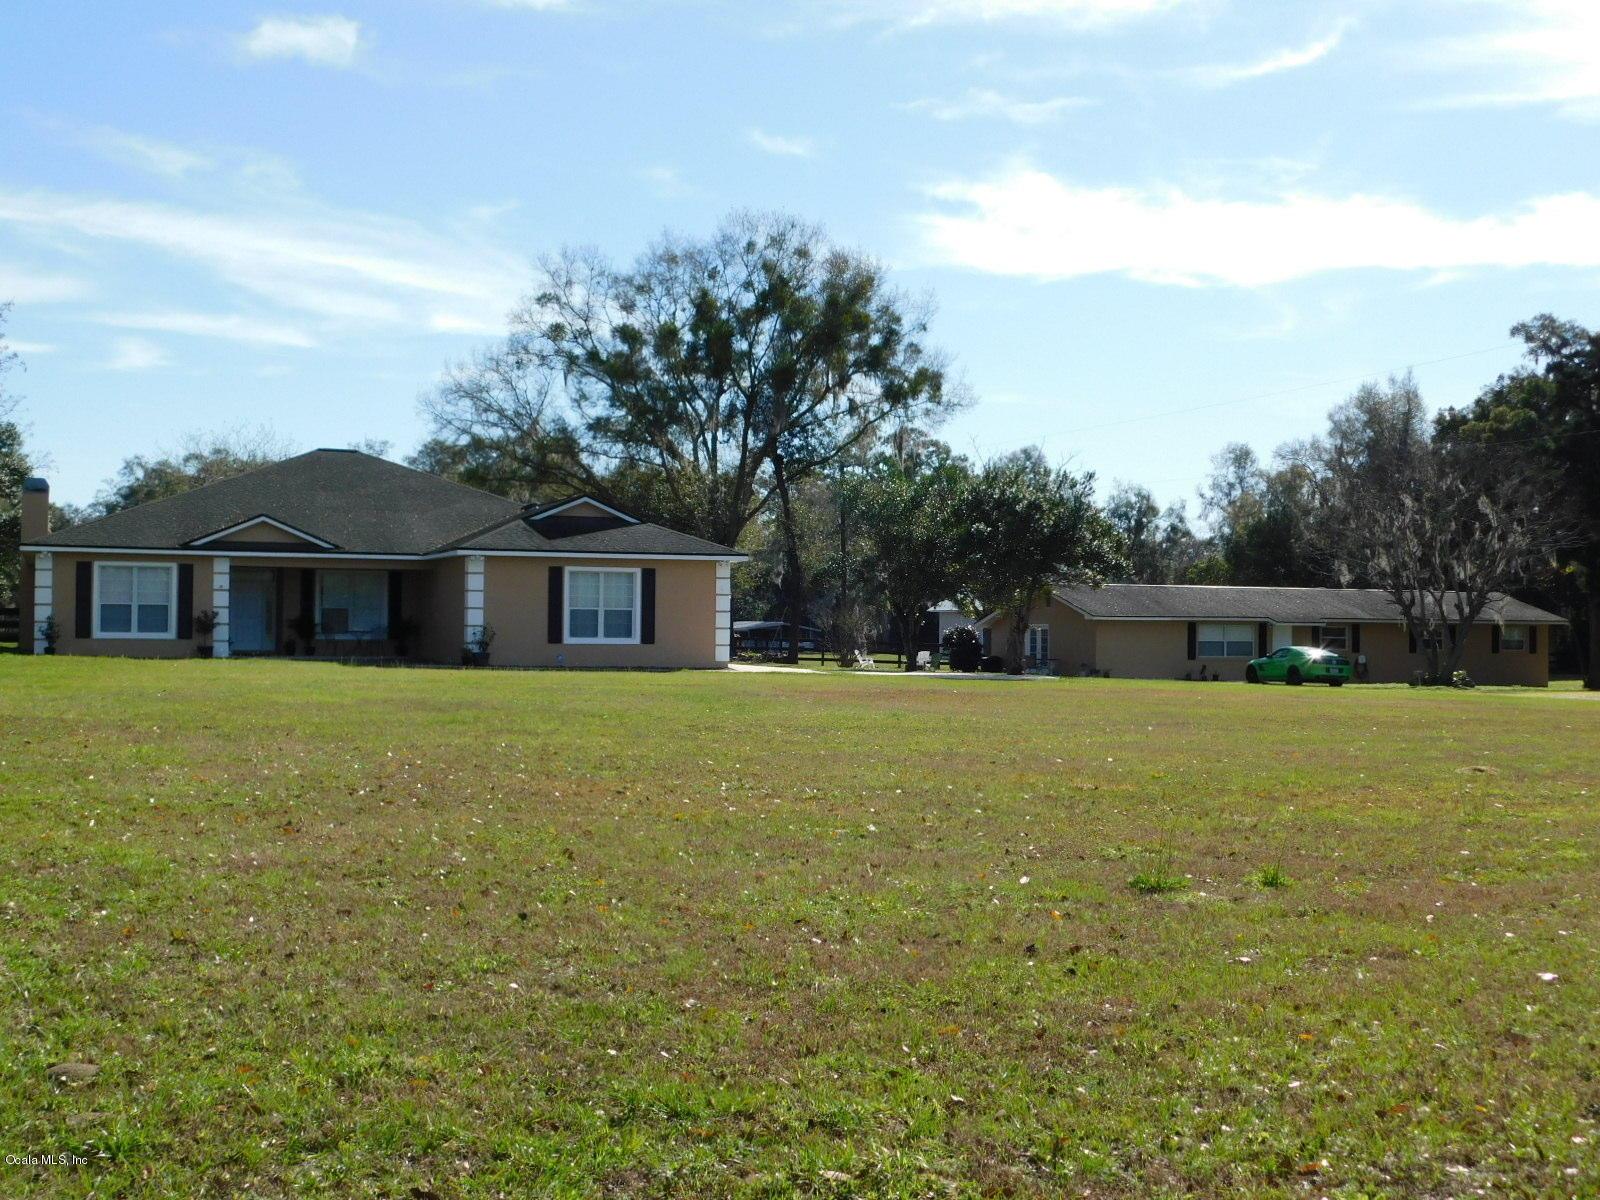 9281 W Anthony Road, Ocala, Florida